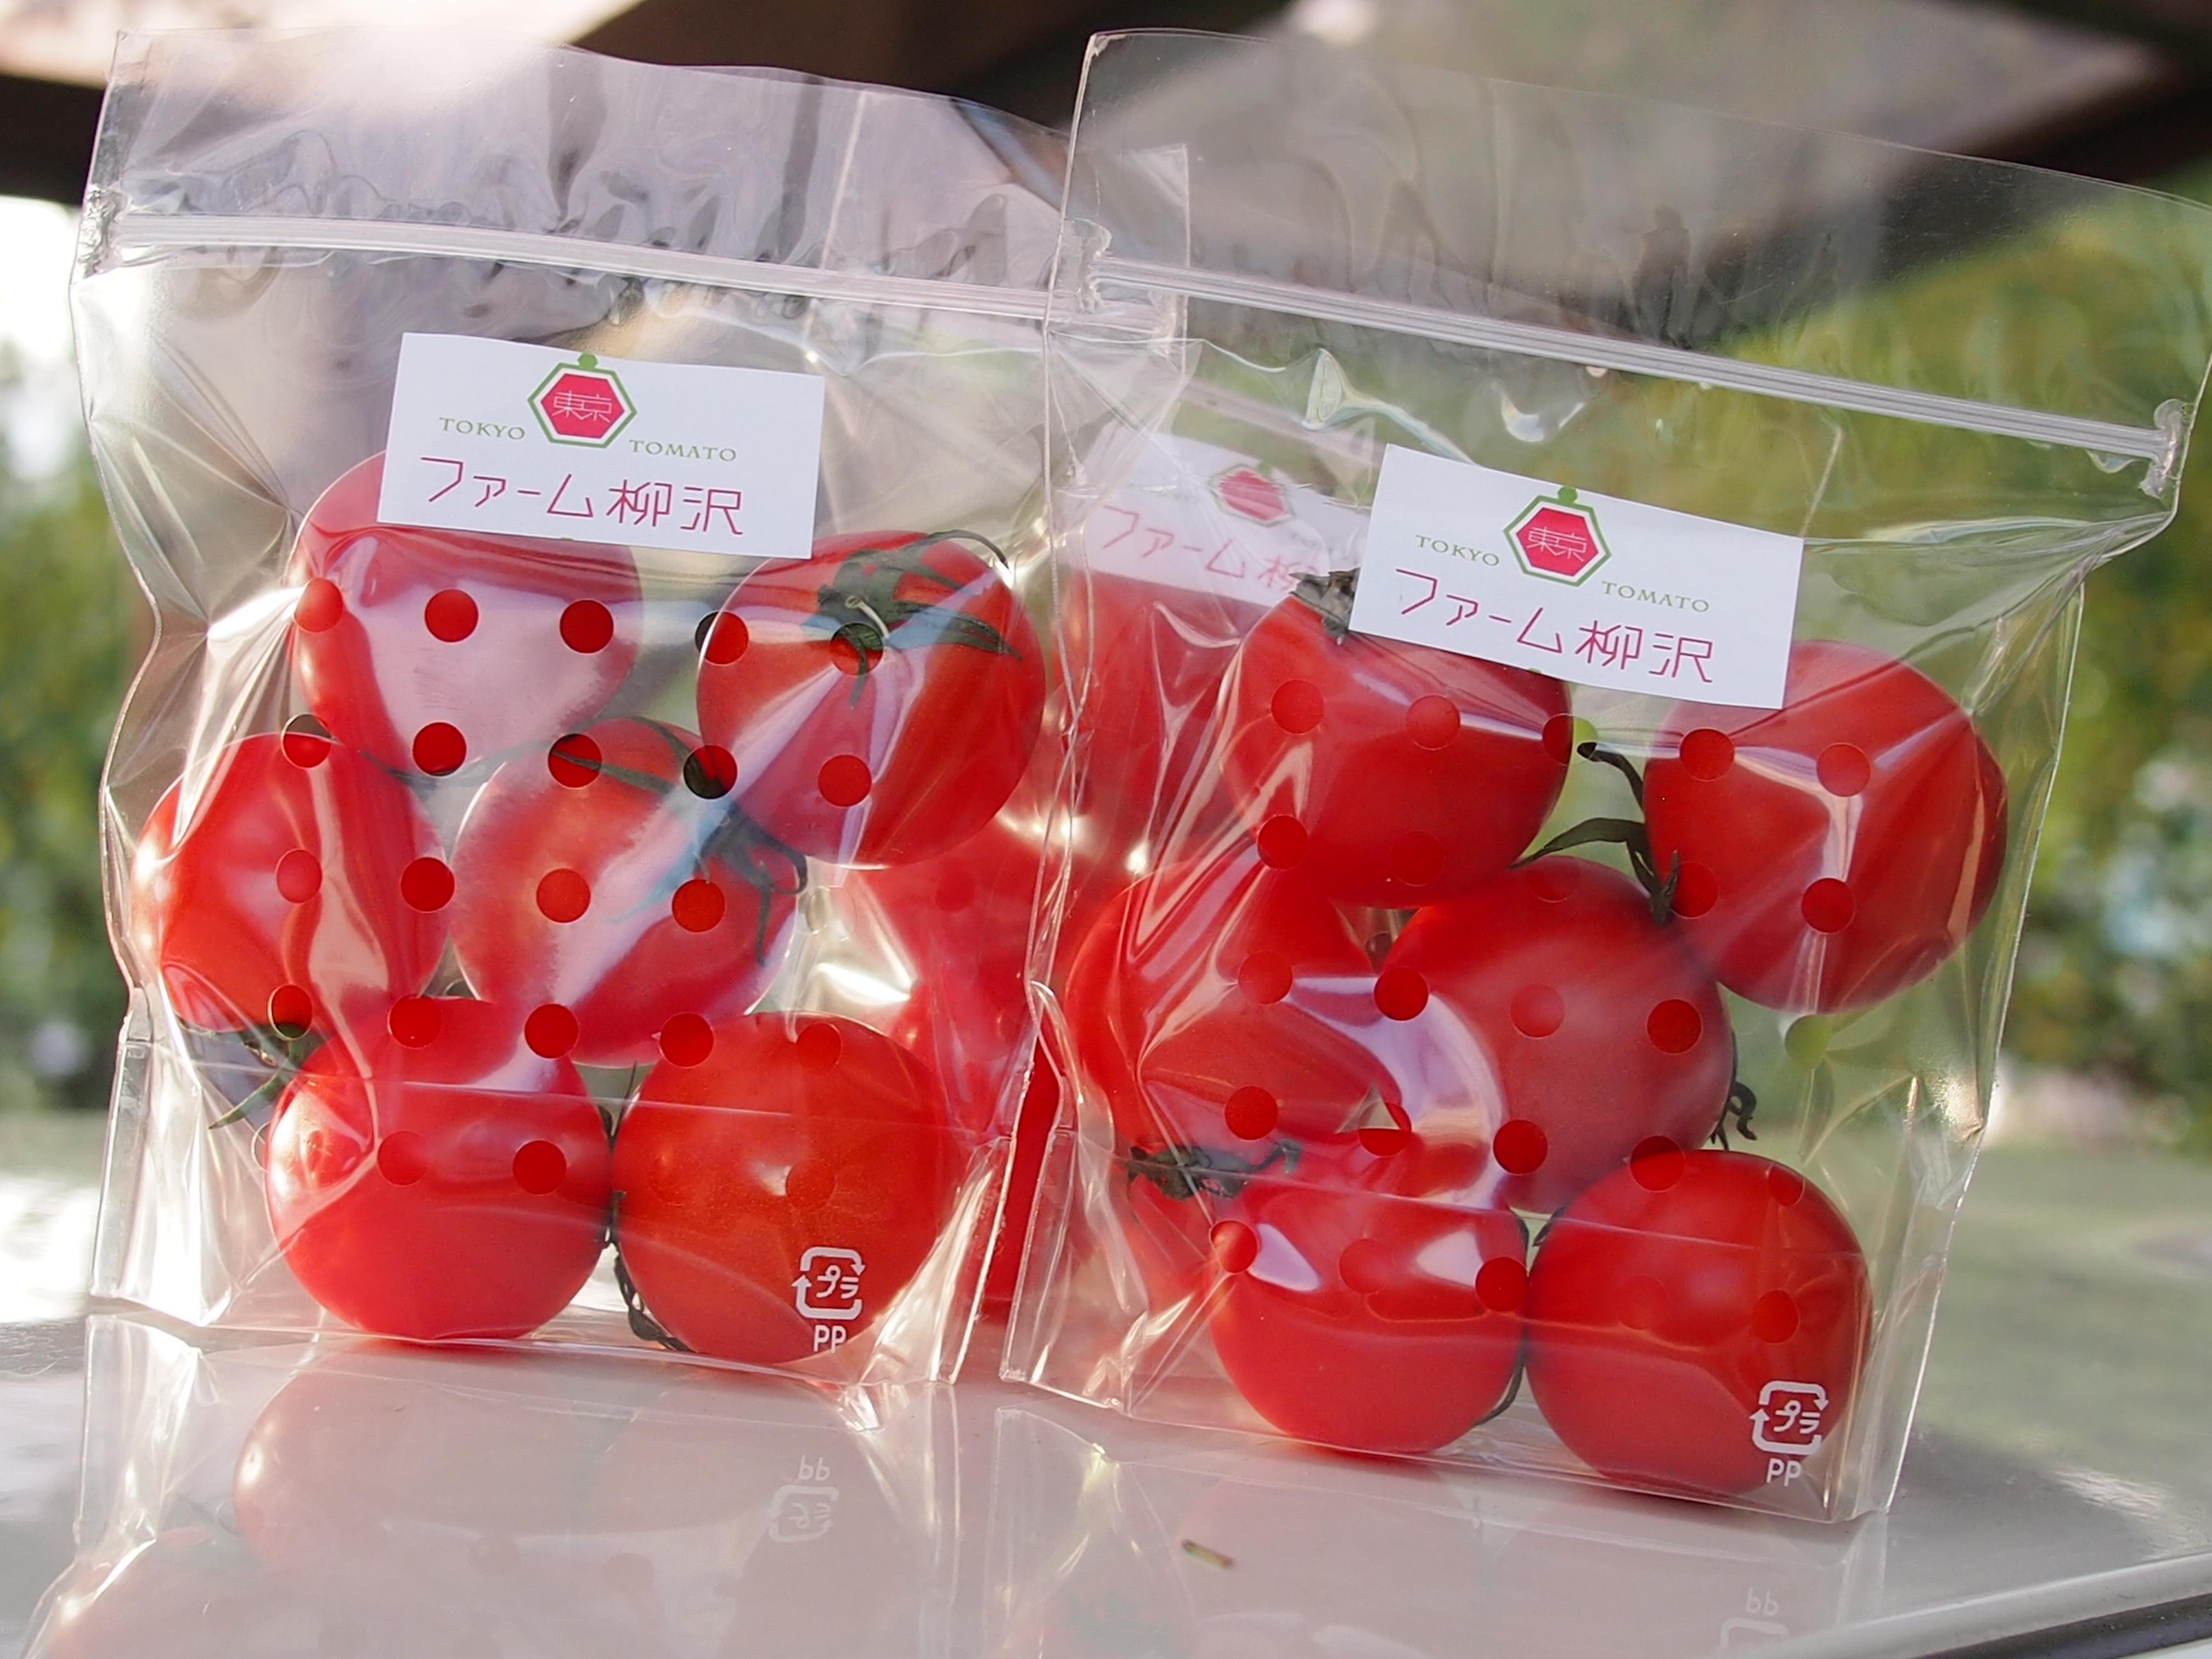 東京トマトは酸味と甘味がバランス良いトマトです。